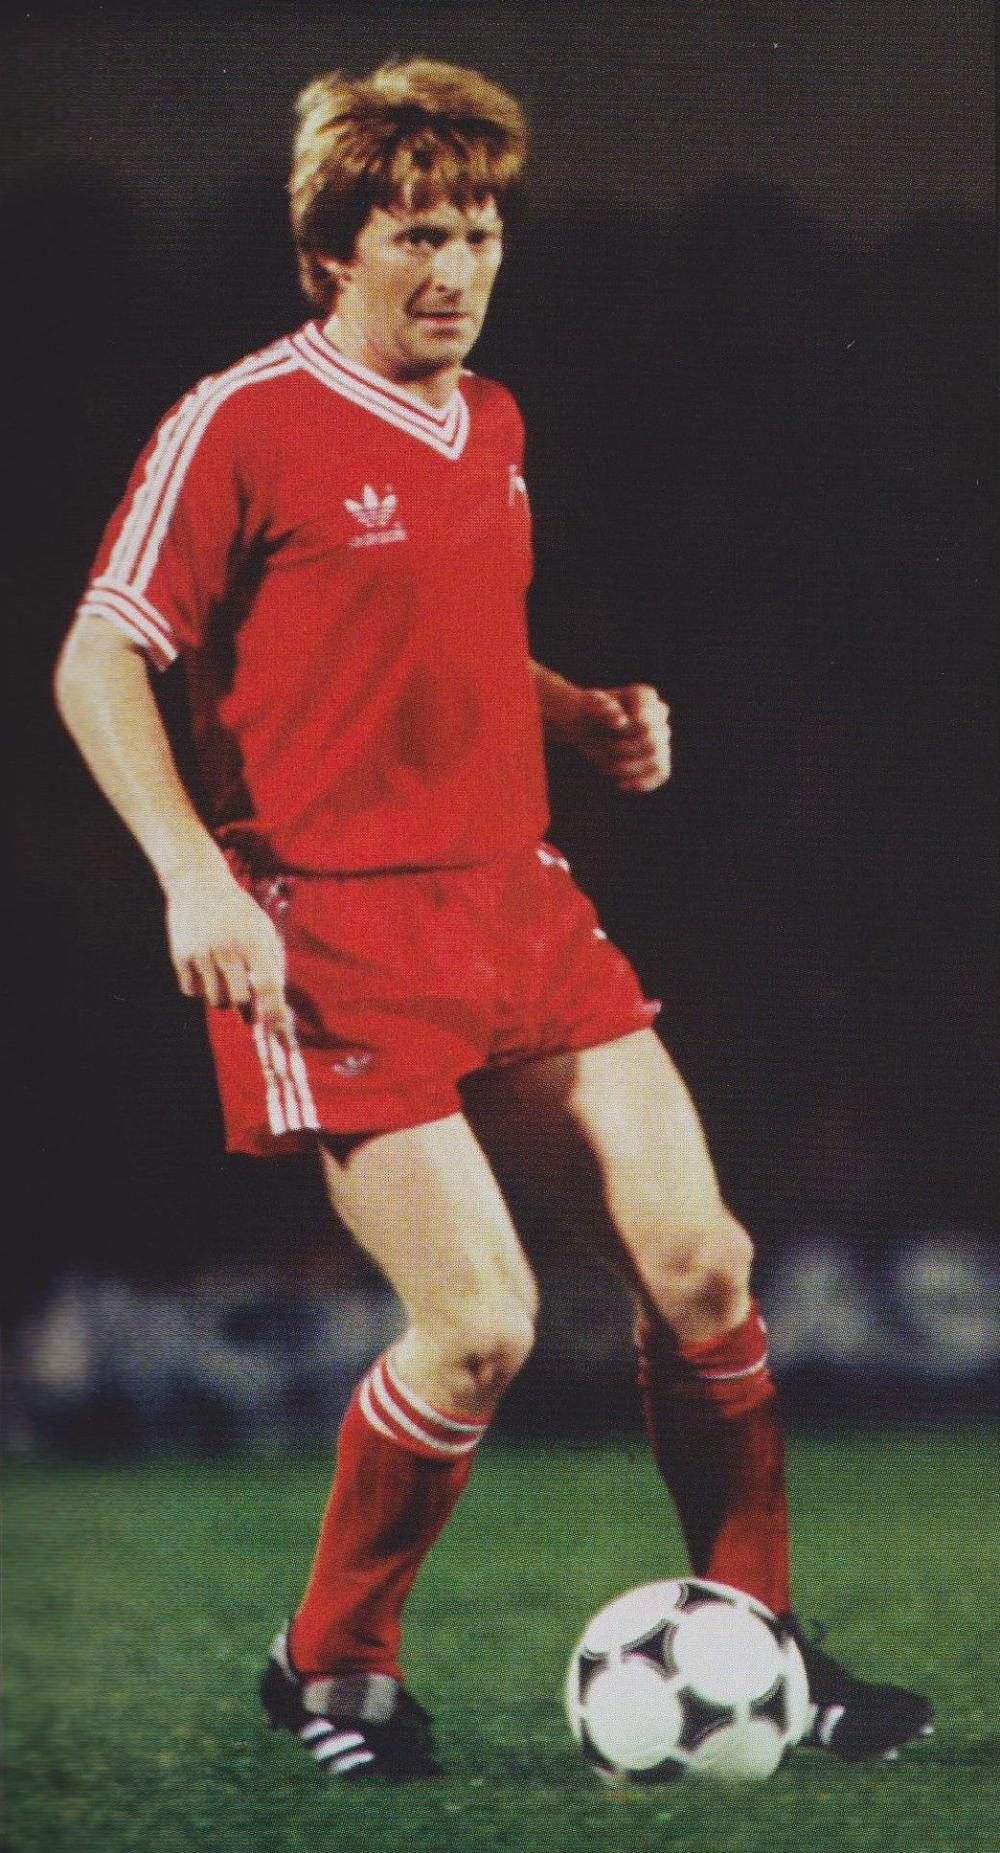 Gordon Strachan Aberdeen Aberdeen Football Football Shirts Football Club